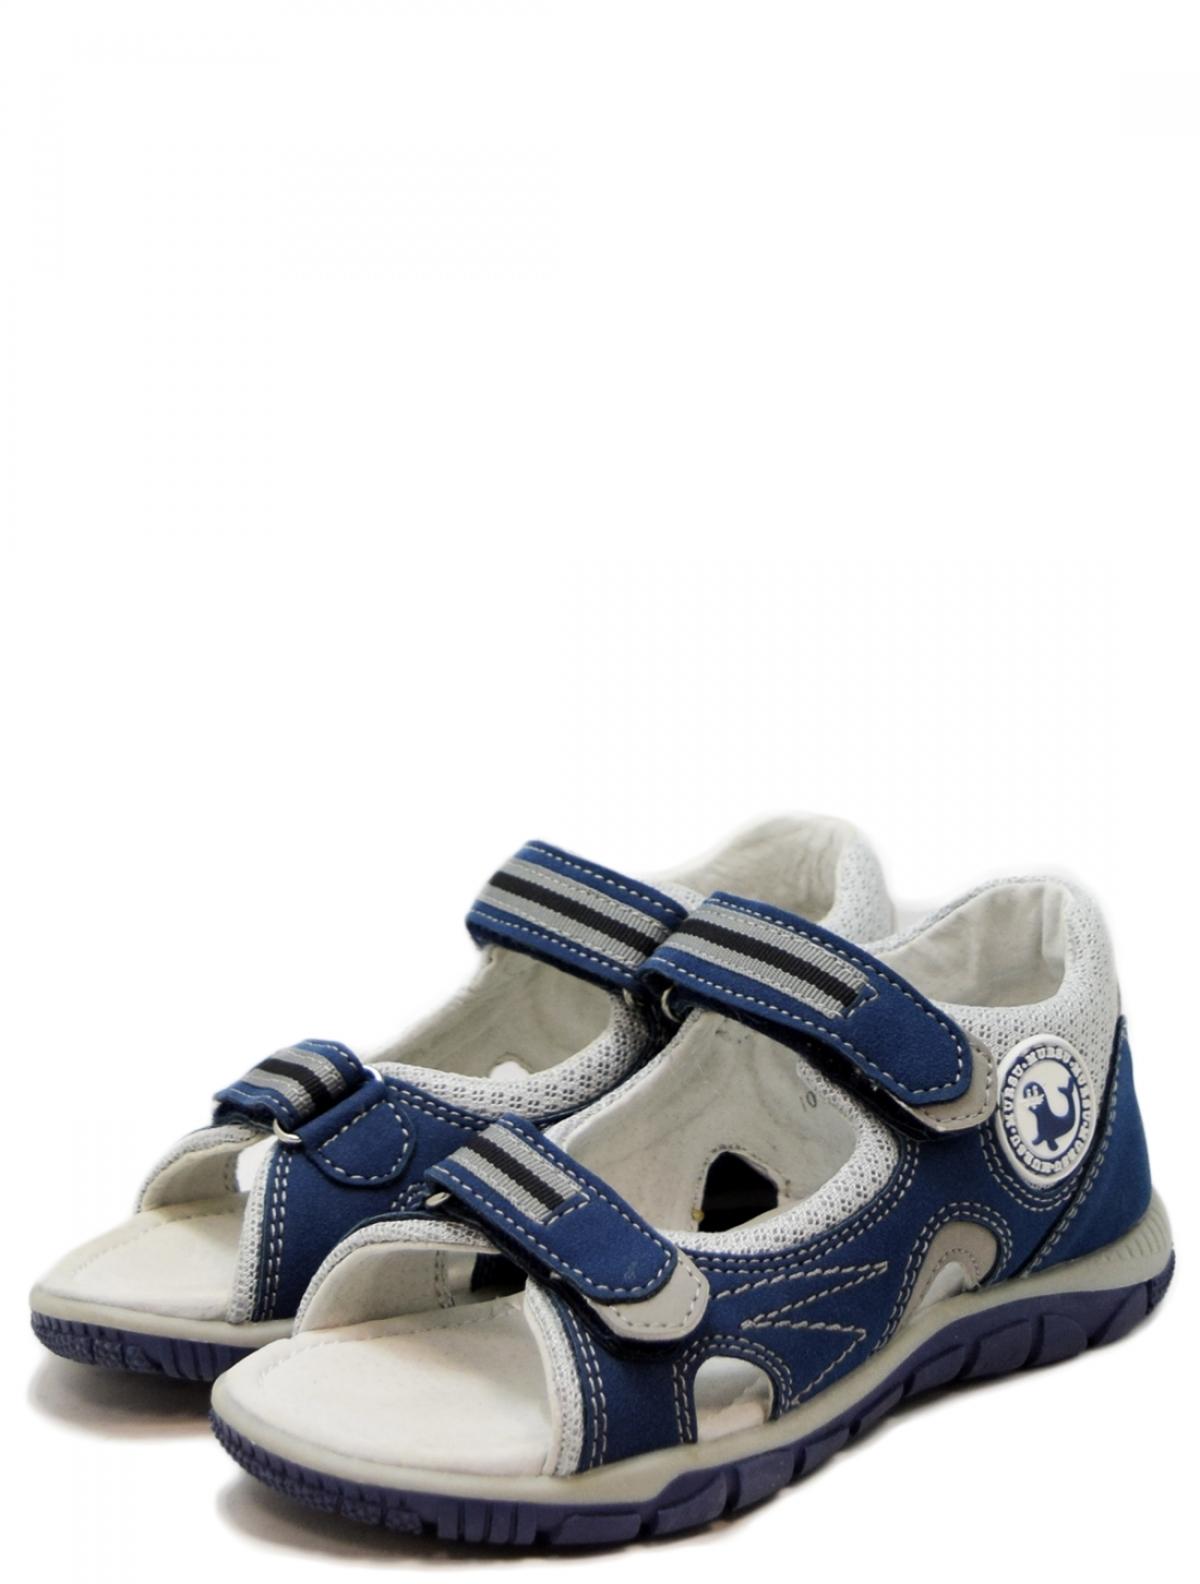 101348 сандали для мальчика